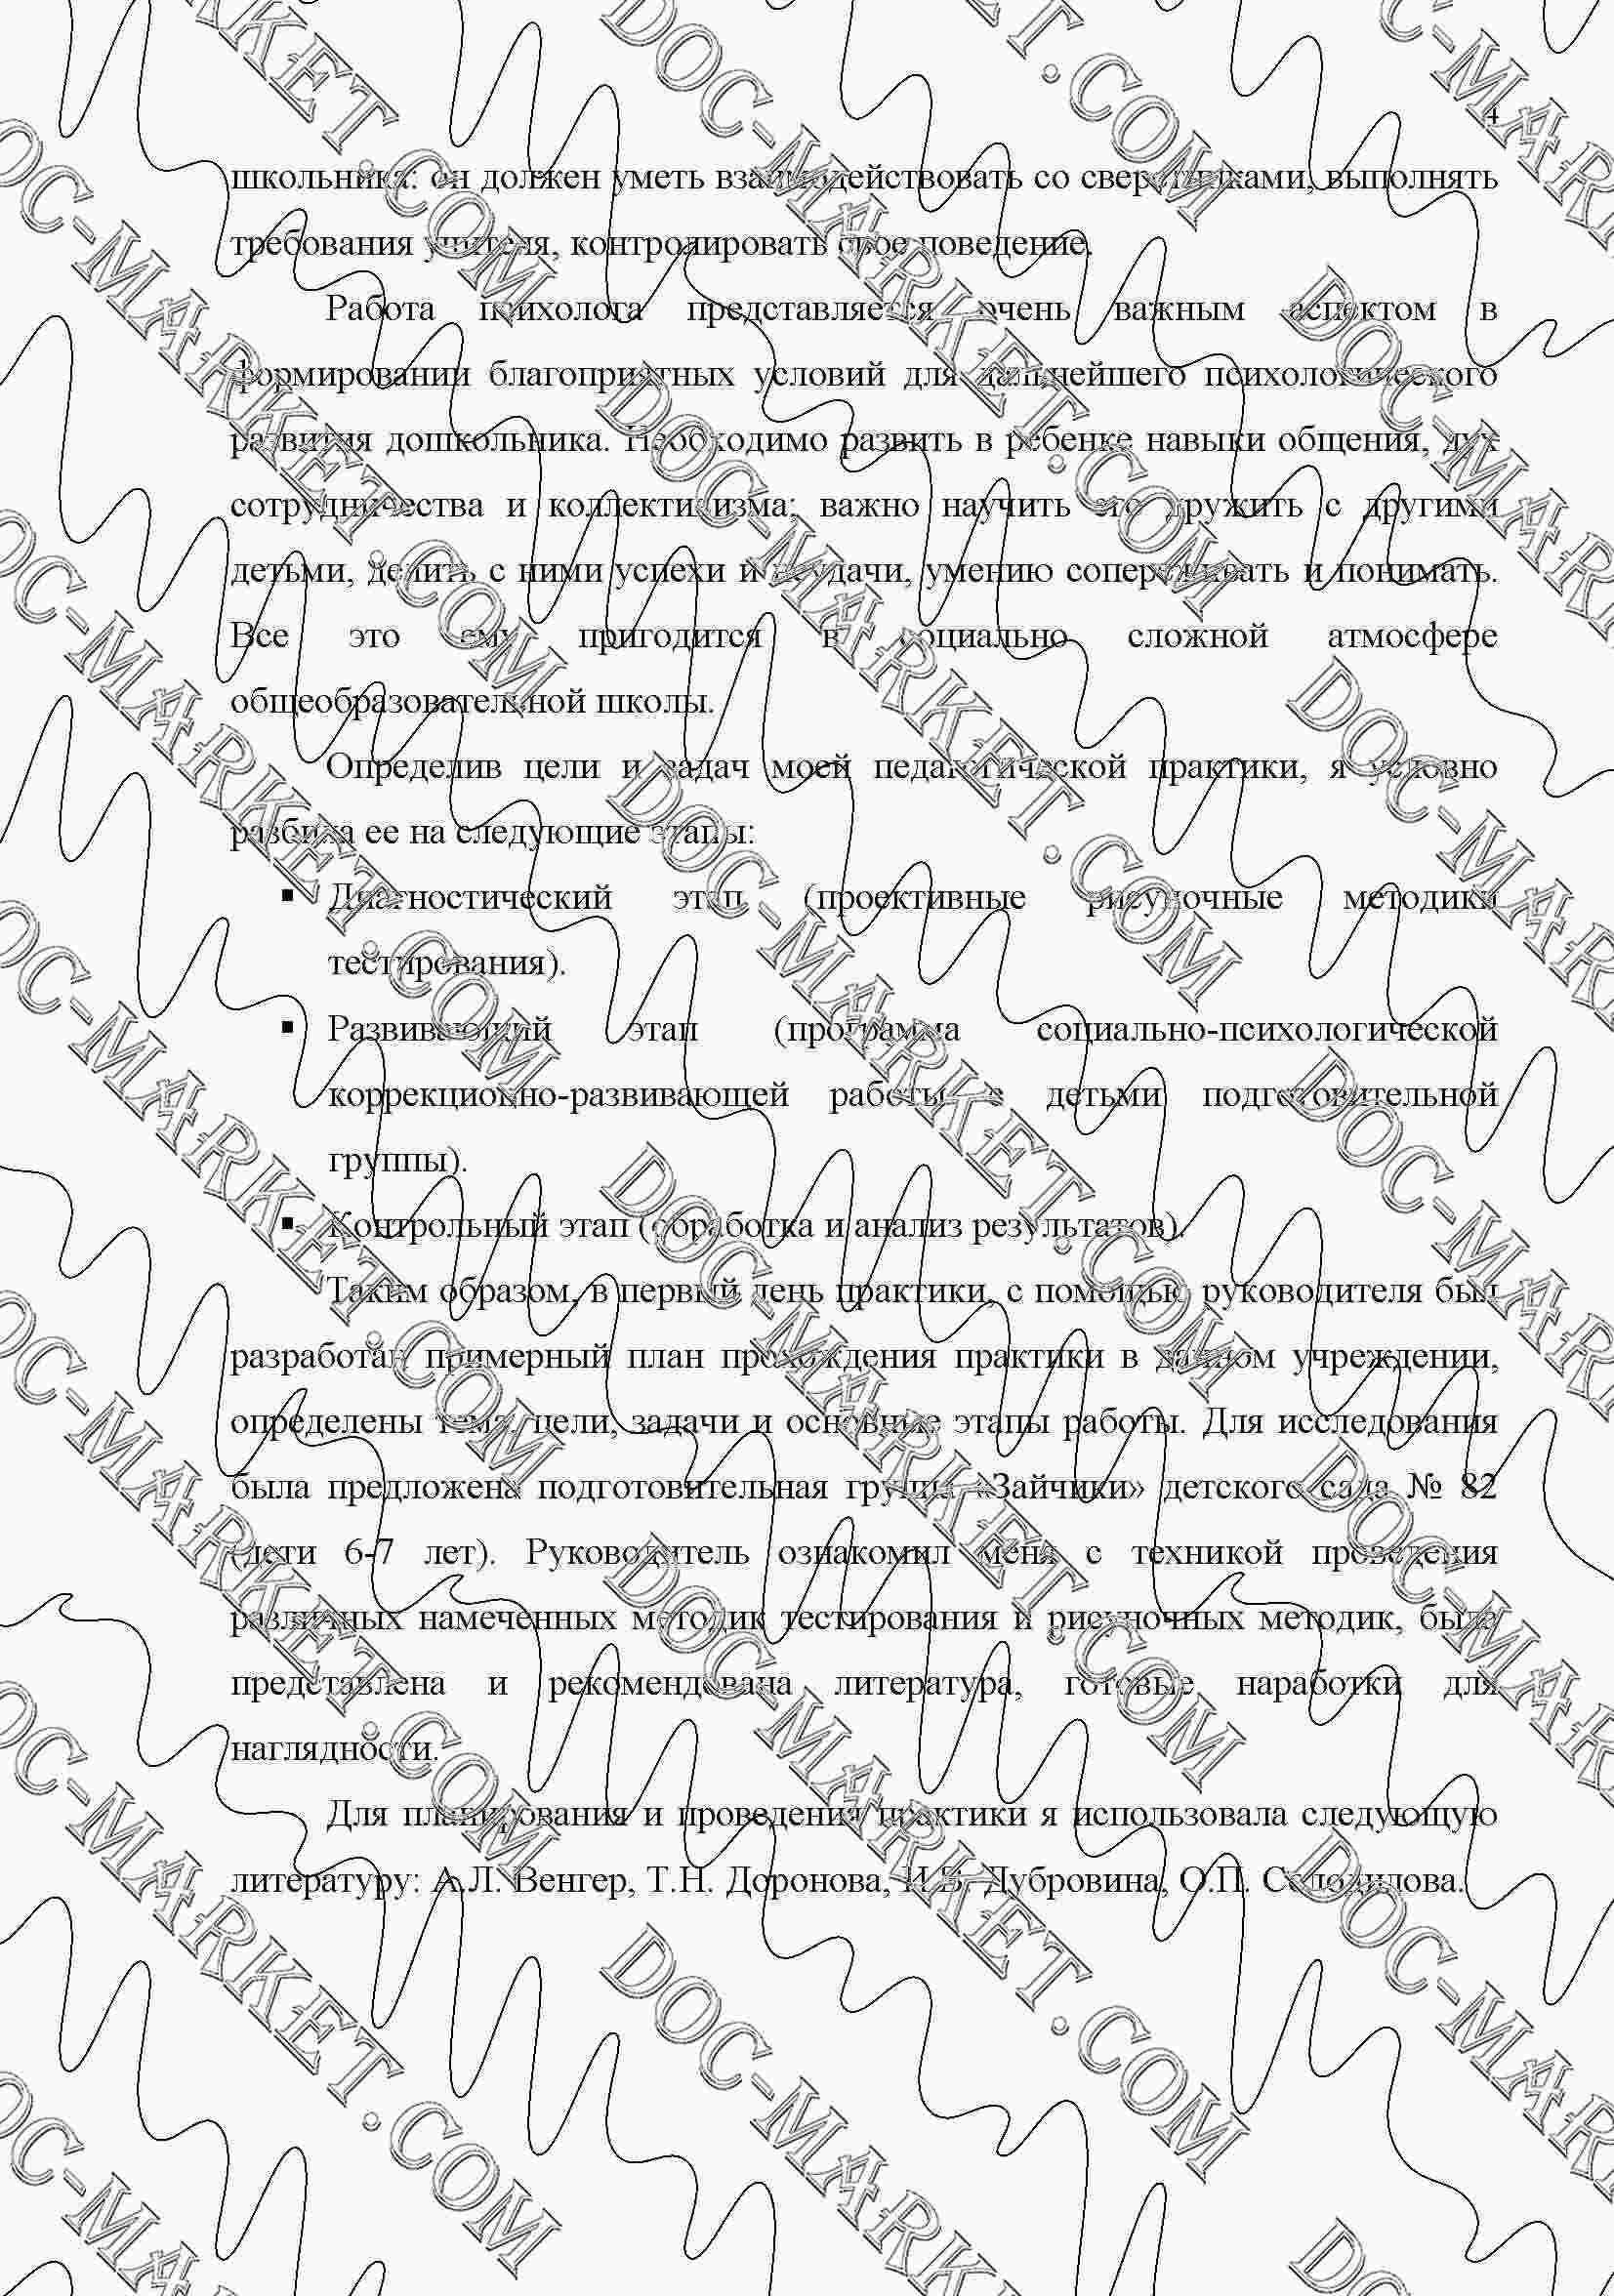 Отчёт по практике логопеда в детском саду Отчет опрохождении практики7 Отчет по практике Логопедическая При поступлении в детский сад логопедом был поставлен диагноз общее недоразвитие речи ОНР